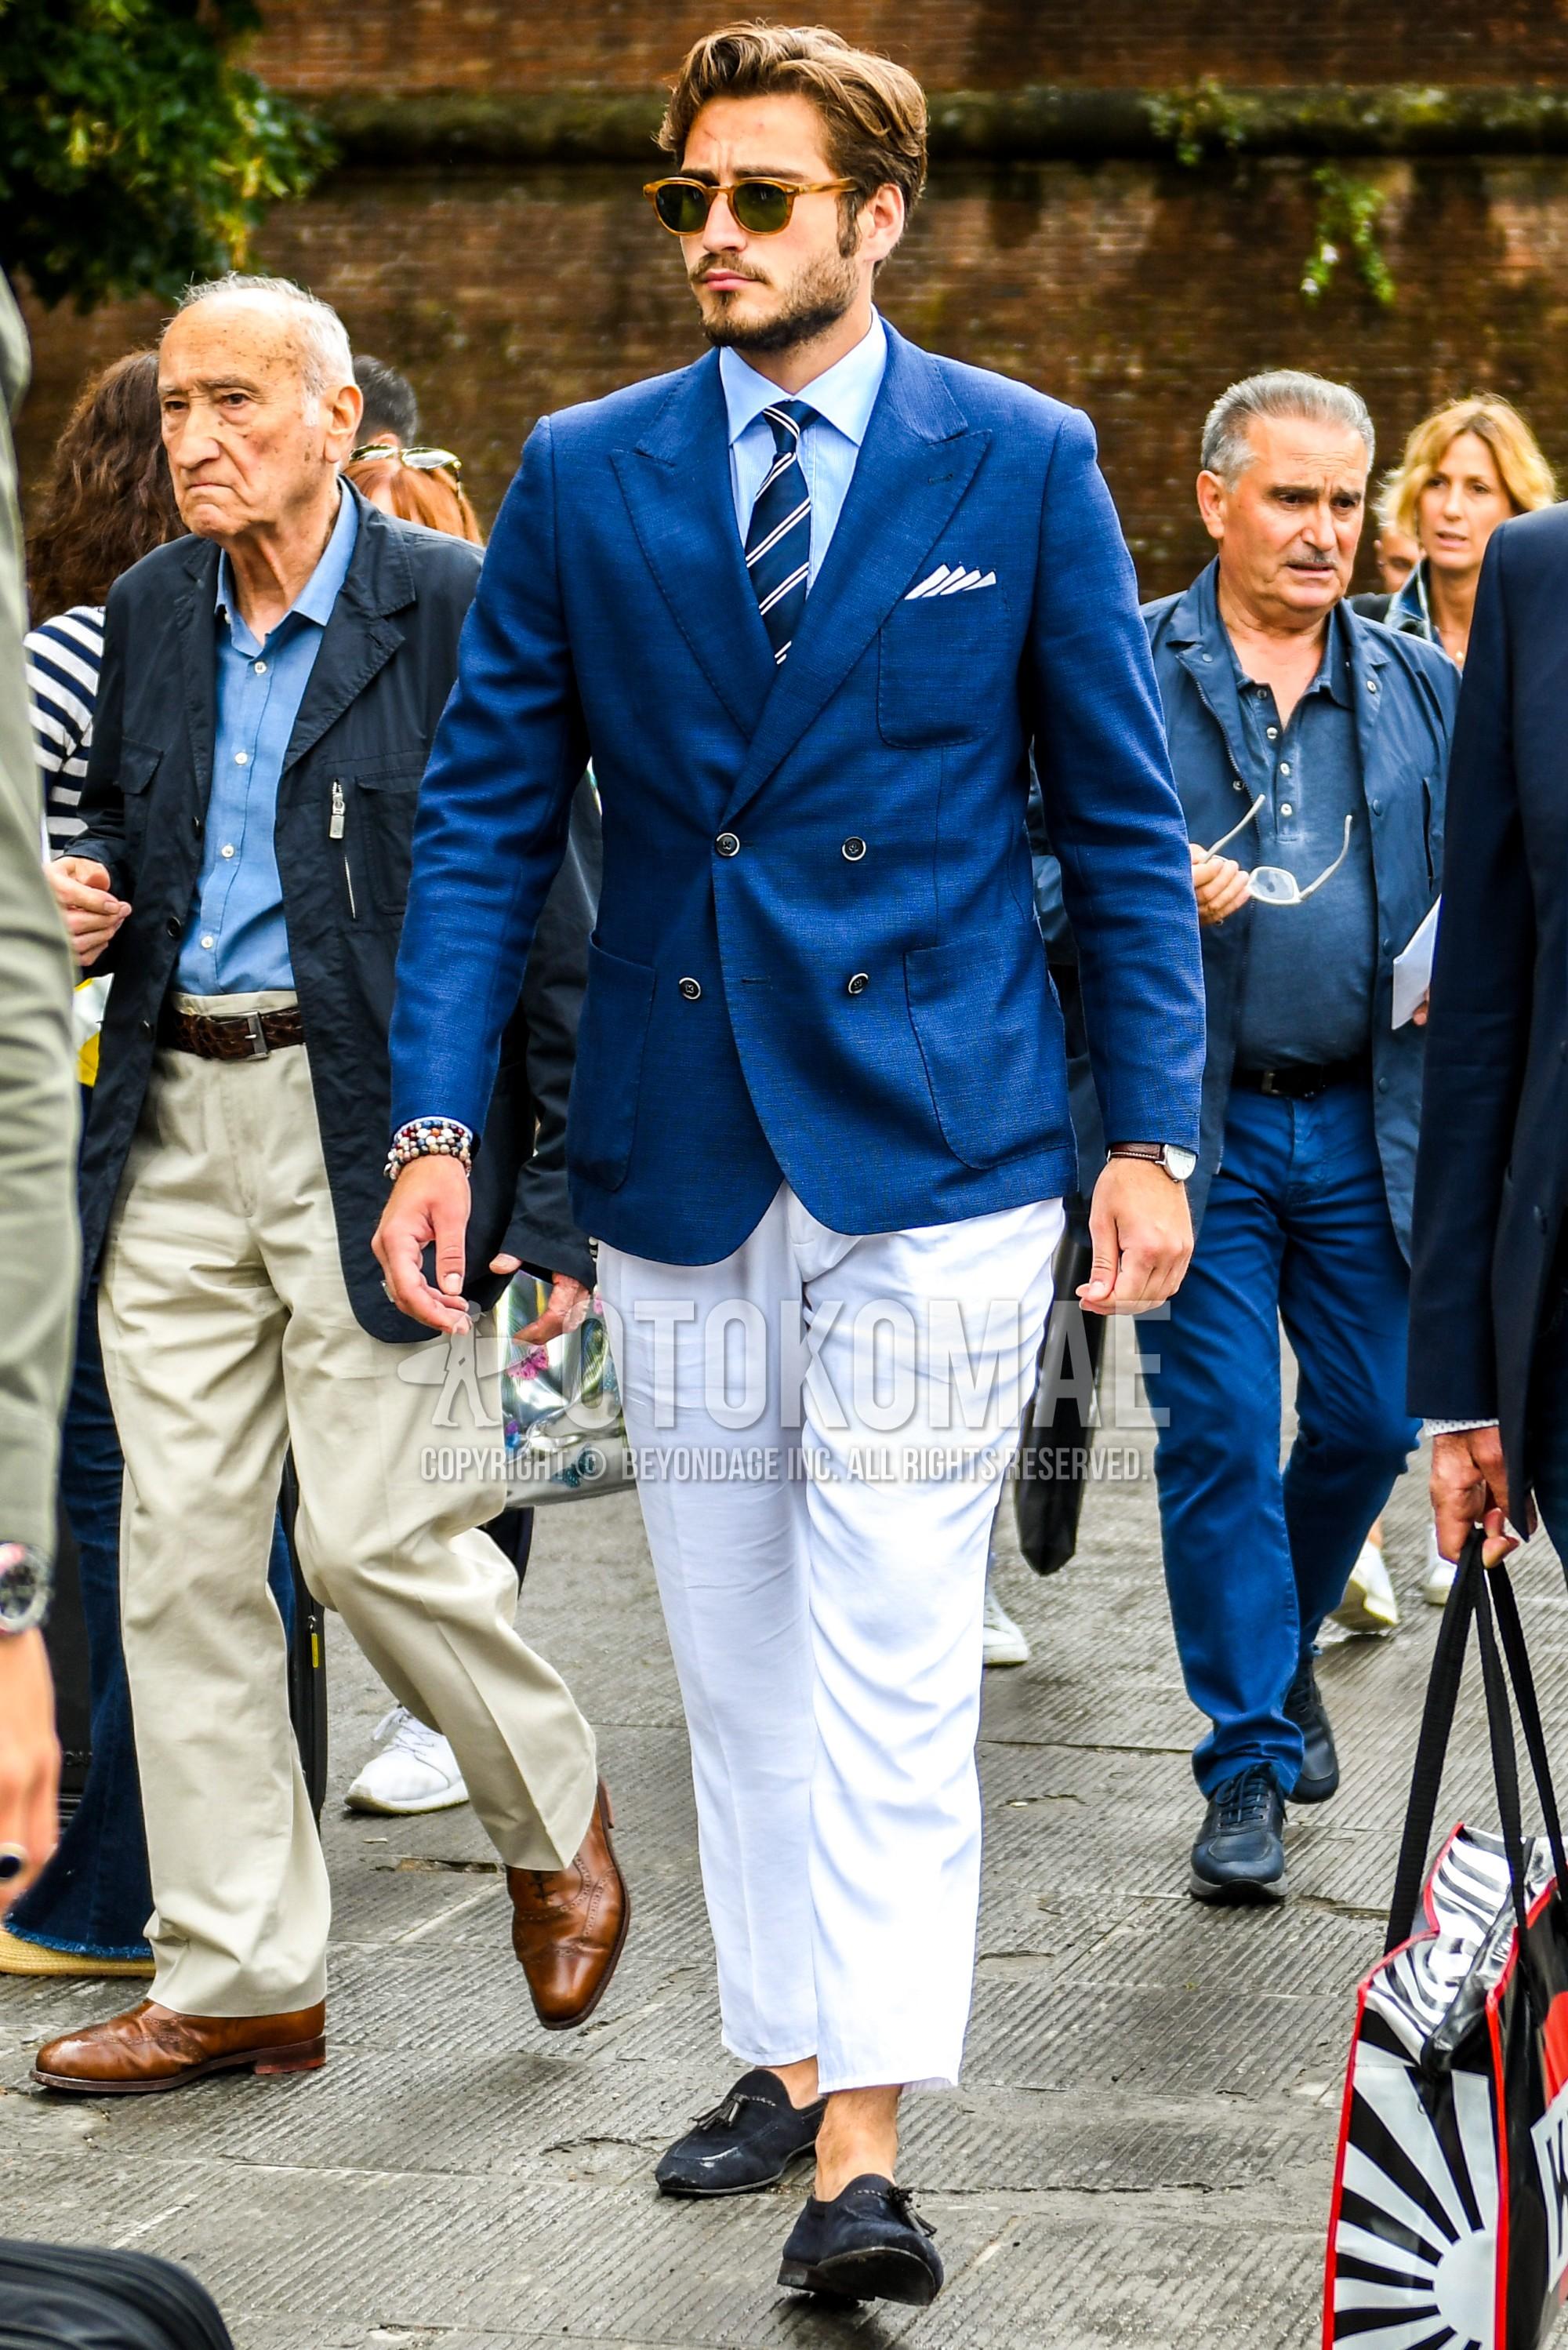 ベージュべっ甲のサングラス、ブルー無地のテーラードジャケット、水色無地のシャツ、白無地のコットンパンツ、白無地のアンクルパンツ、スエードのネイビータッセルローファーの革靴、ネイビーレジメンタルのネクタイを合わせた春秋のメンズコーデ・着こなし。